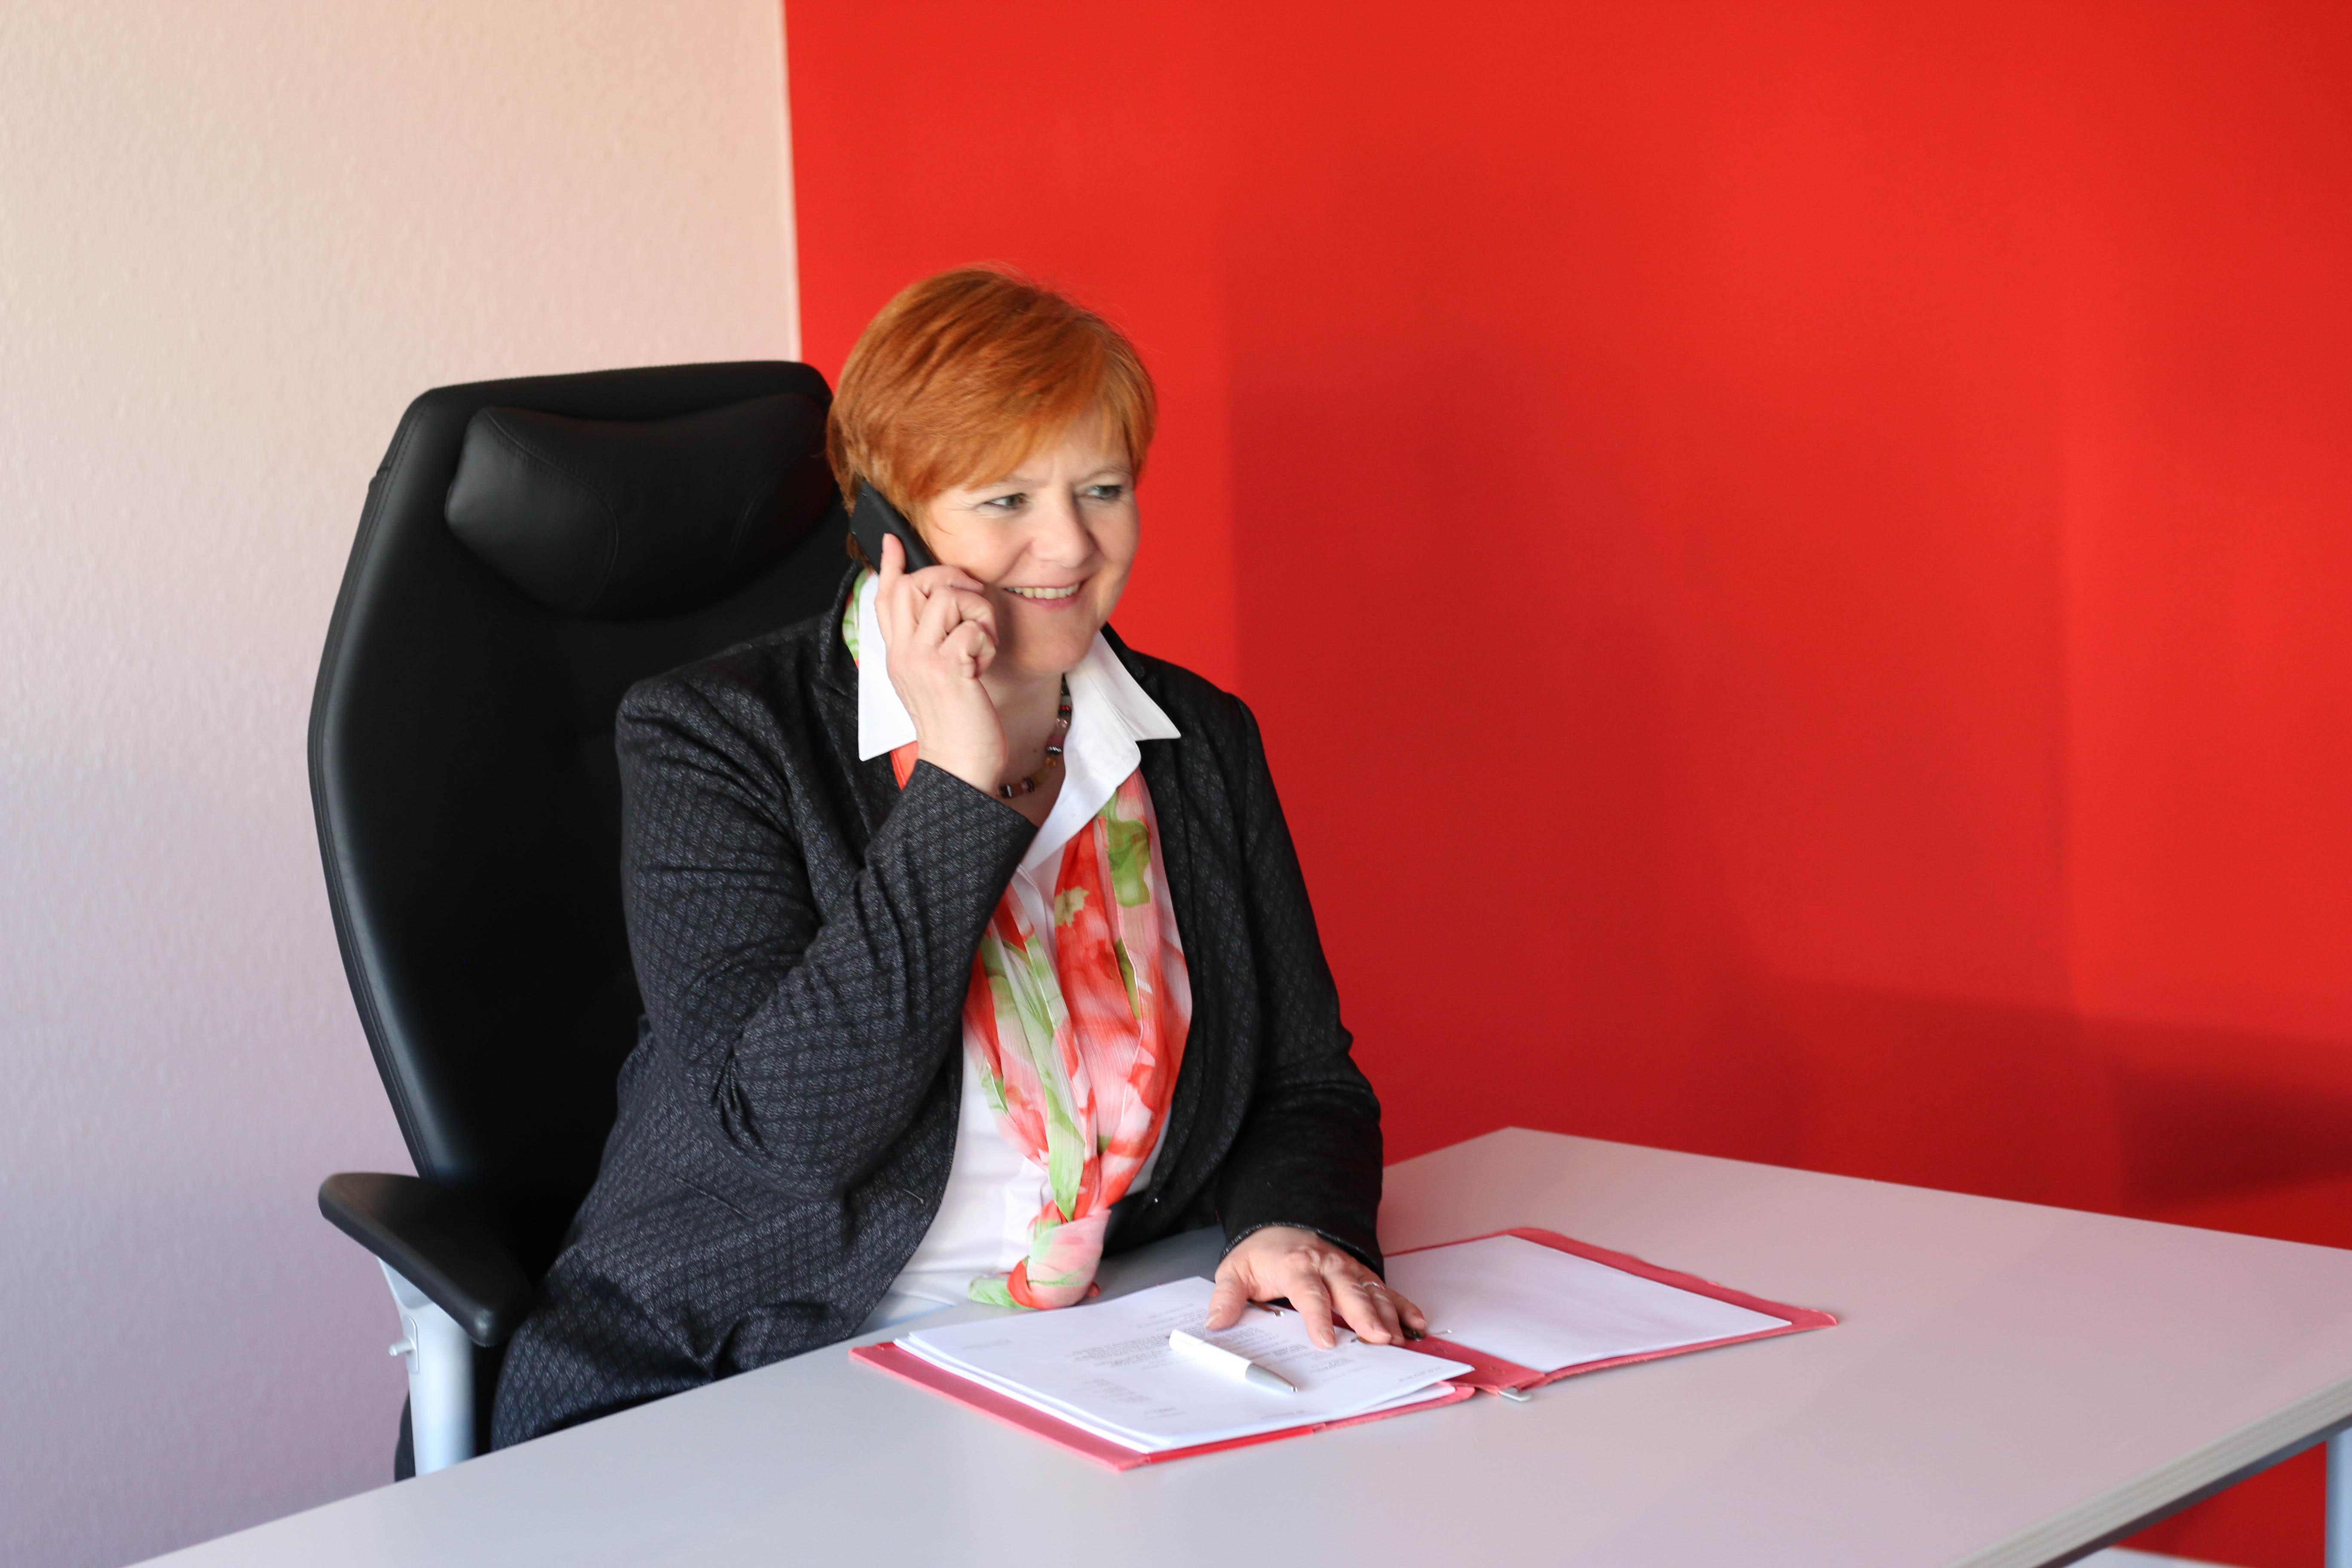 Manuela Müller Fachanwältin in Pforzheim